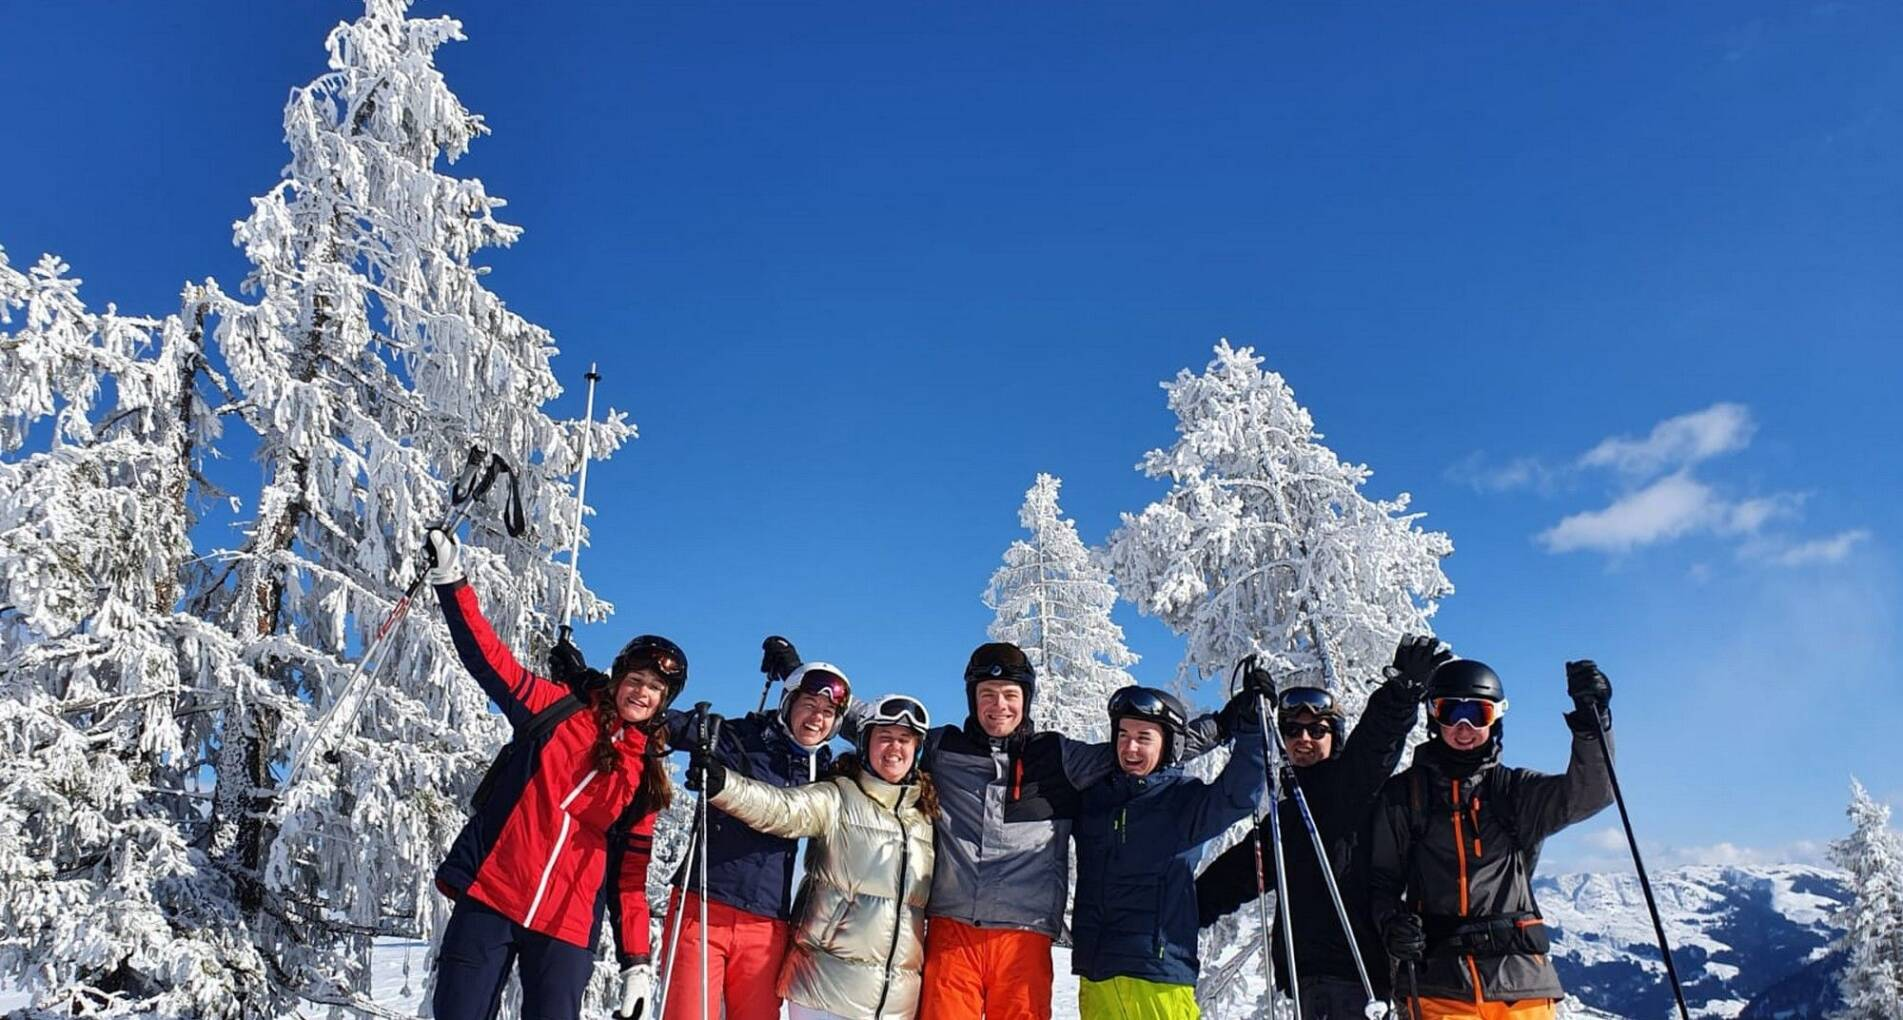 Ski Arlberg: Warth-Schröcken-Lech-Zûrs-St. Anton - Oostenrijk - 1